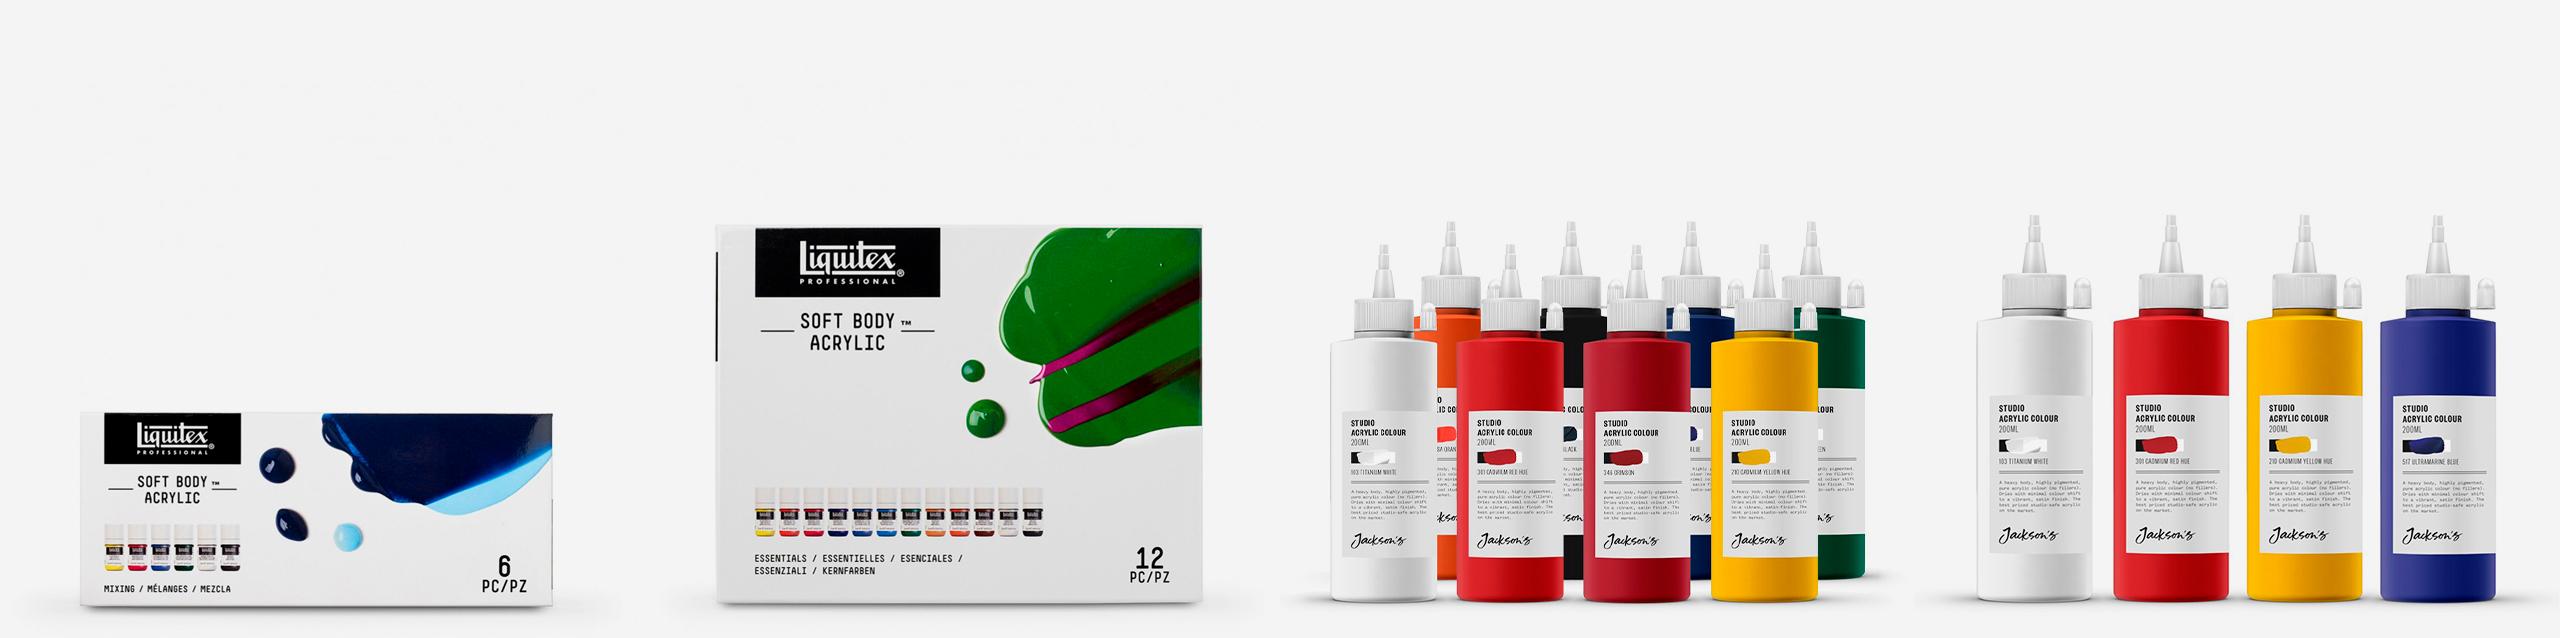 L-R: Liquitex Soft Body Mixing set of 6, Liquitex Soft Body Essentials set of 12, Jackson's Studio Acrylic set of 8, Jackson's Studio Acrylic set of 4